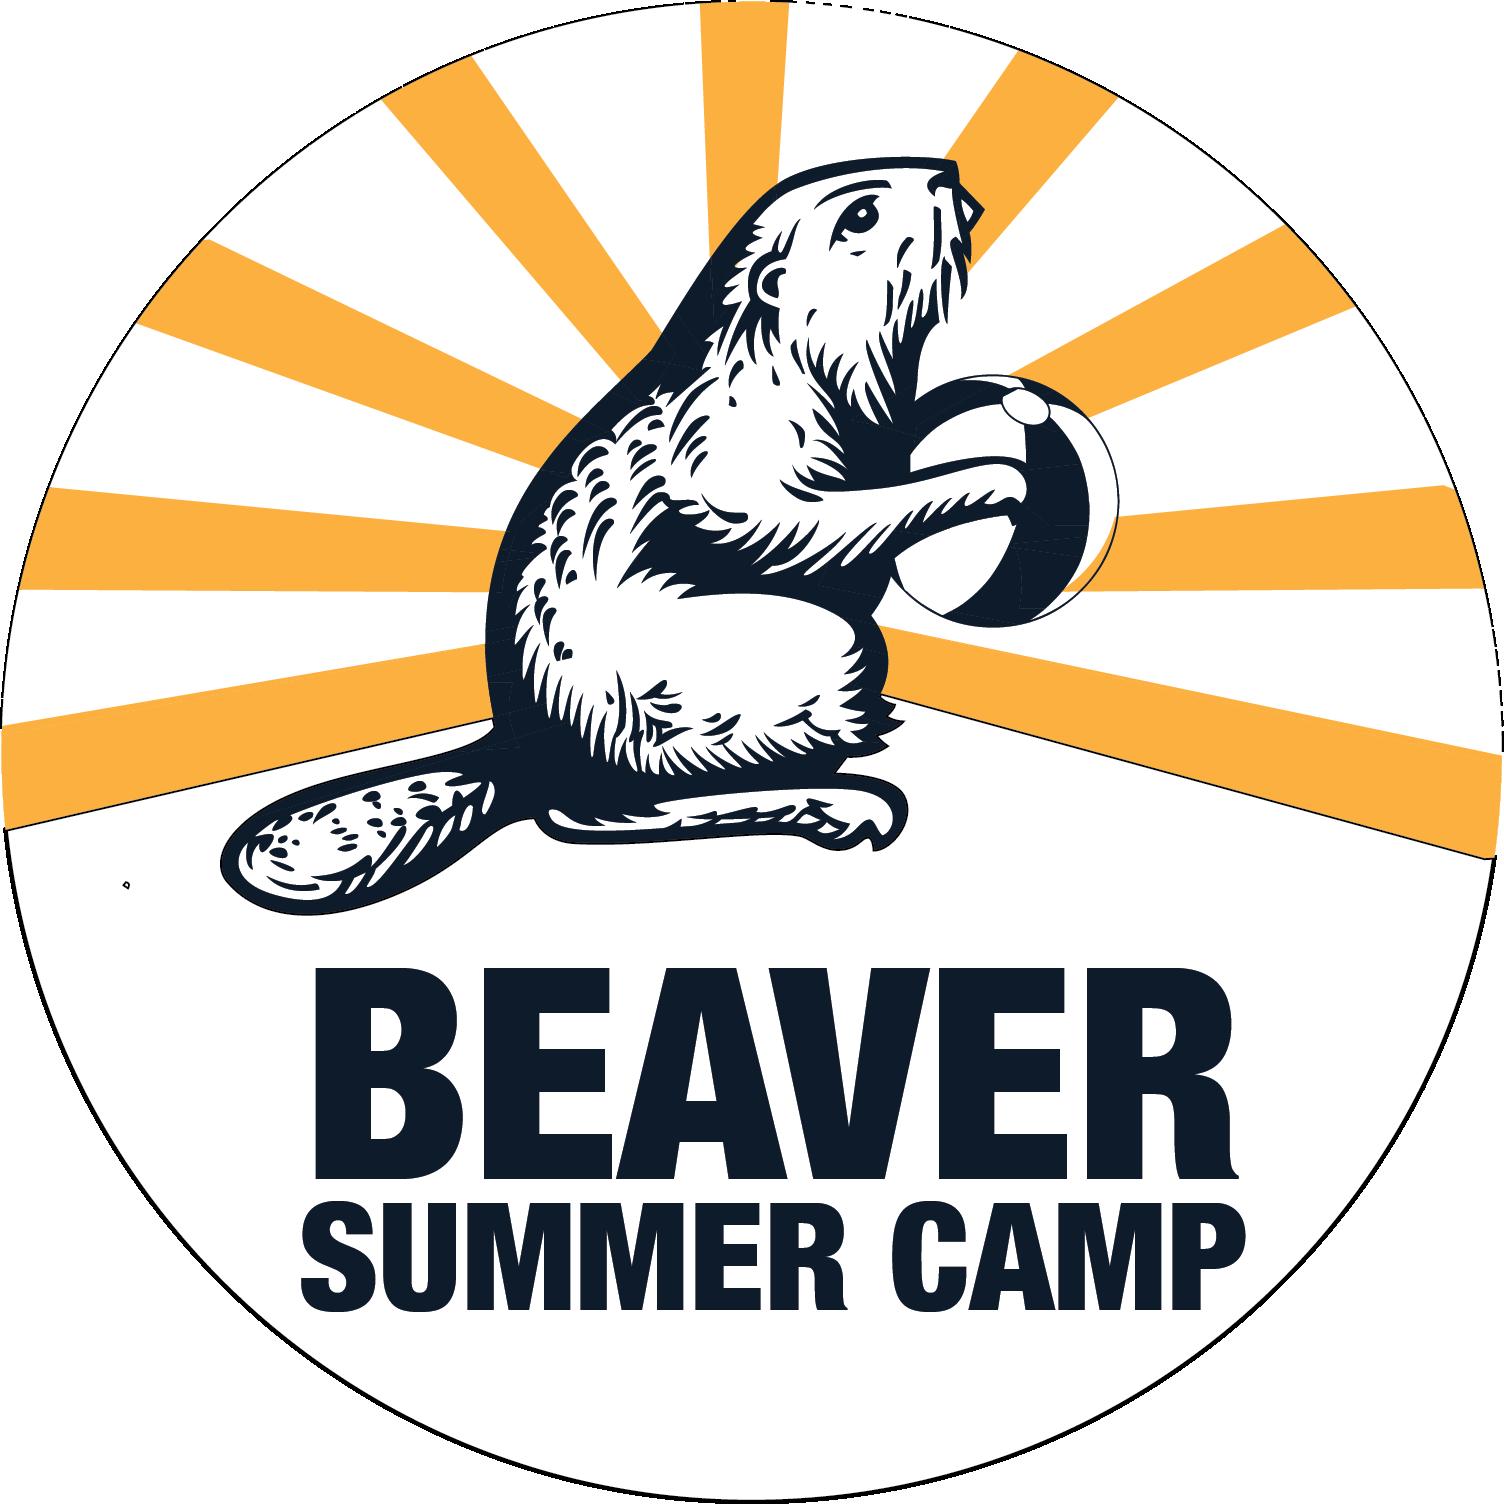 Beaver Summer Camp: Walker's Woodshop